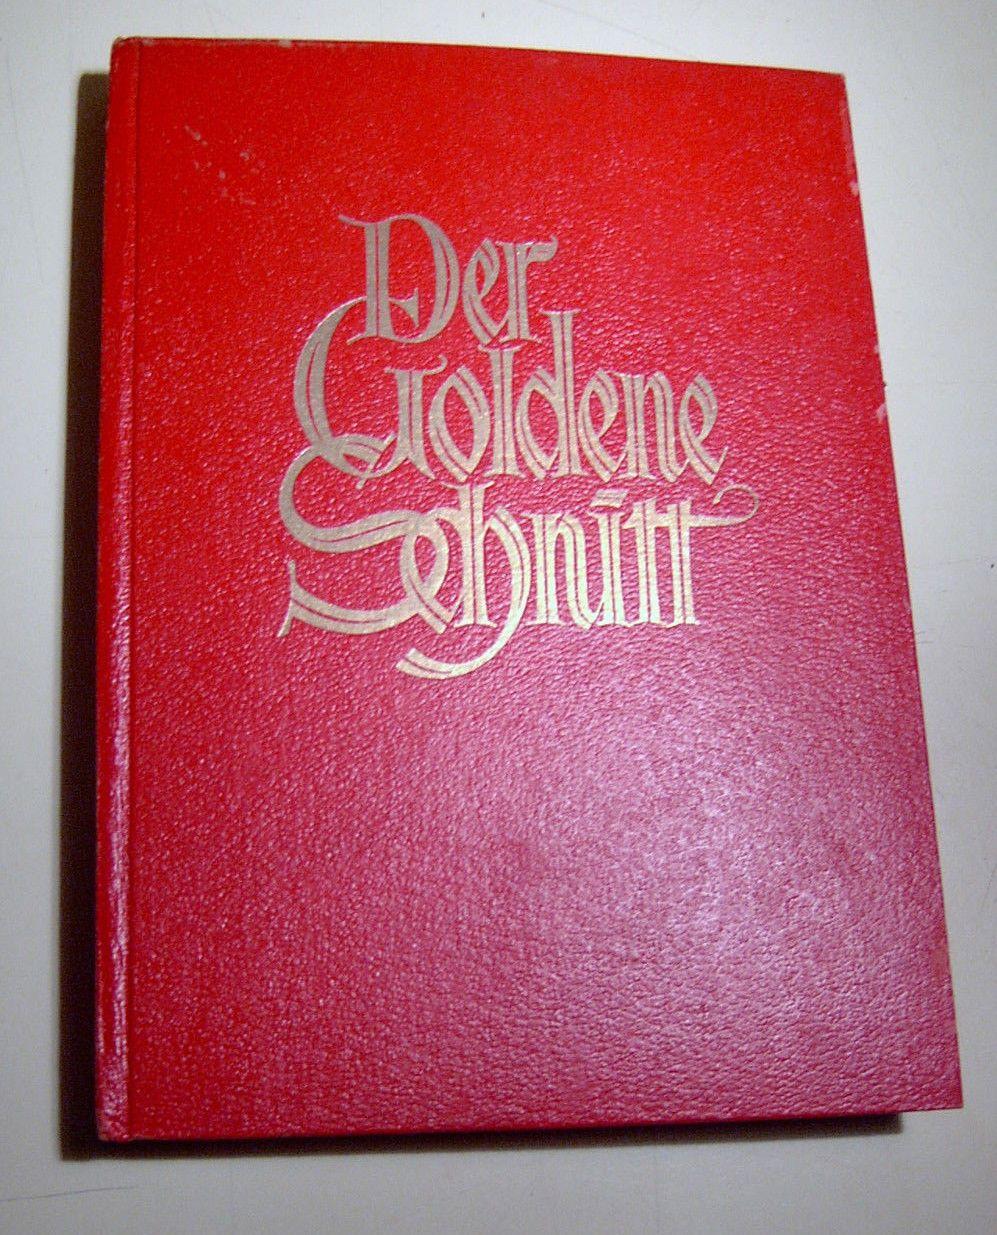 Lutterloh Der Goldene Schnitt 1949 Schnittmuster Aigner   eBay